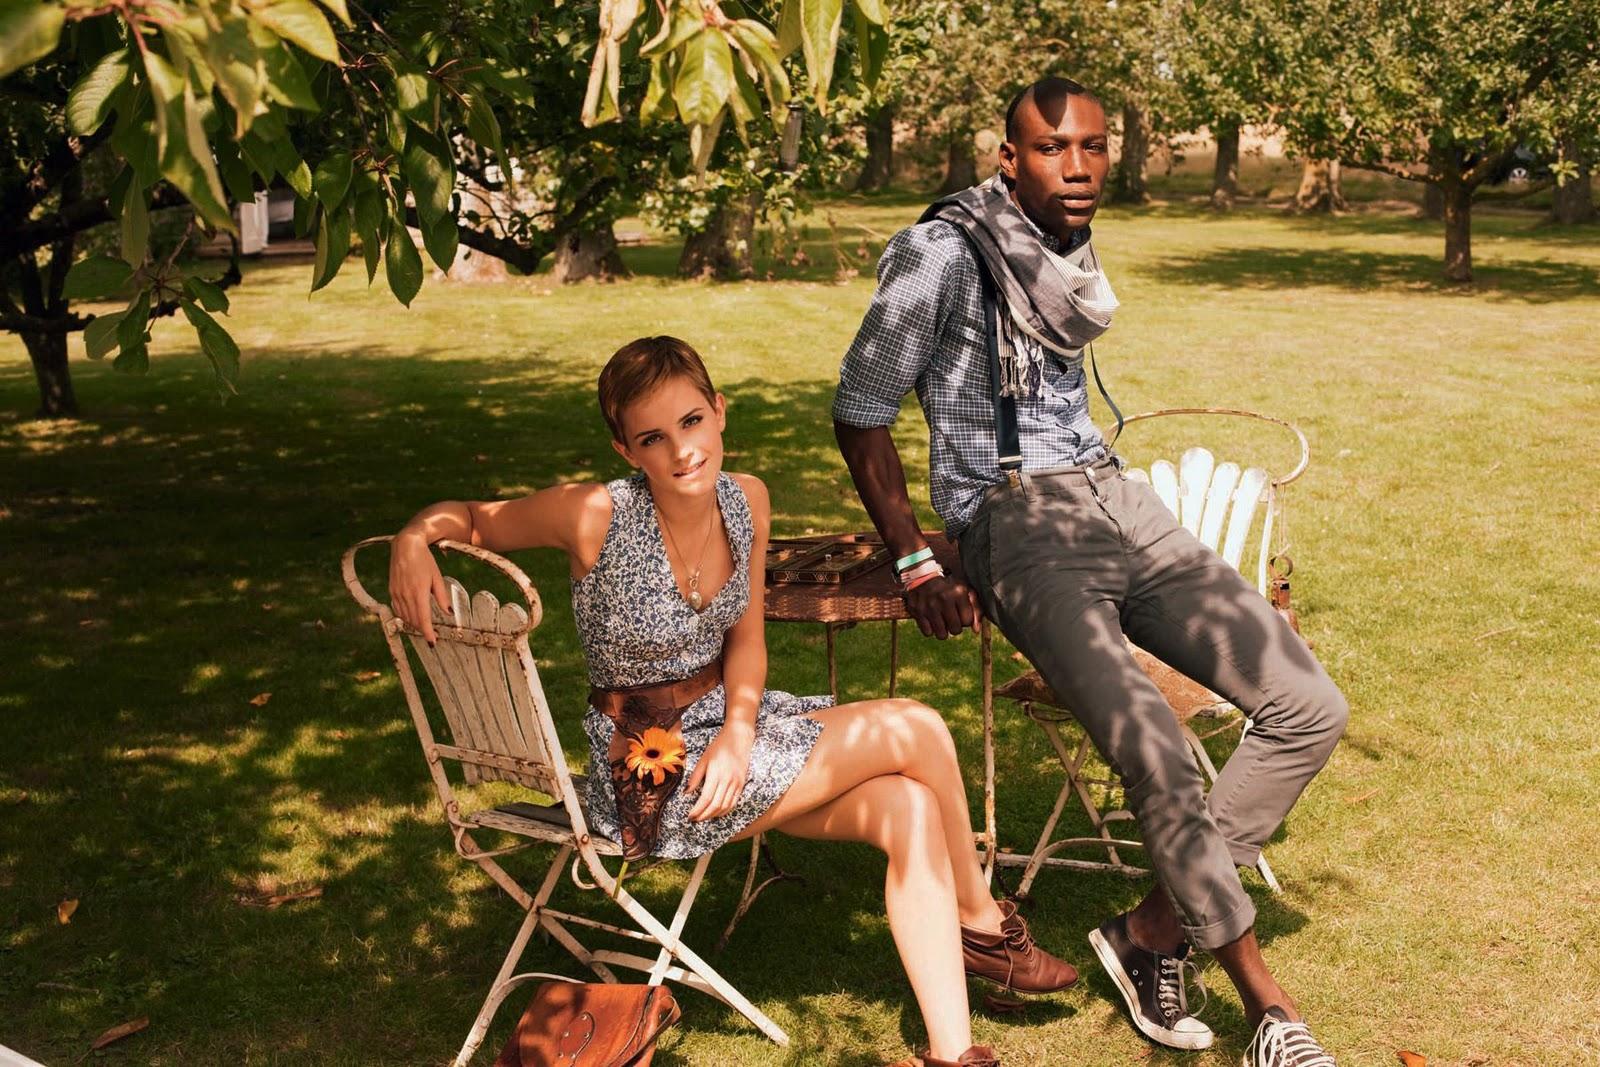 http://2.bp.blogspot.com/-HE9_9i1Yefw/TWg1IISAnvI/AAAAAAAABKQ/gc2KEPtVUJ8/s1600/www.expostas.com+Emma+Watson+in+a+New+Photo+Shoot+From+People+Tree+2011007.jpg